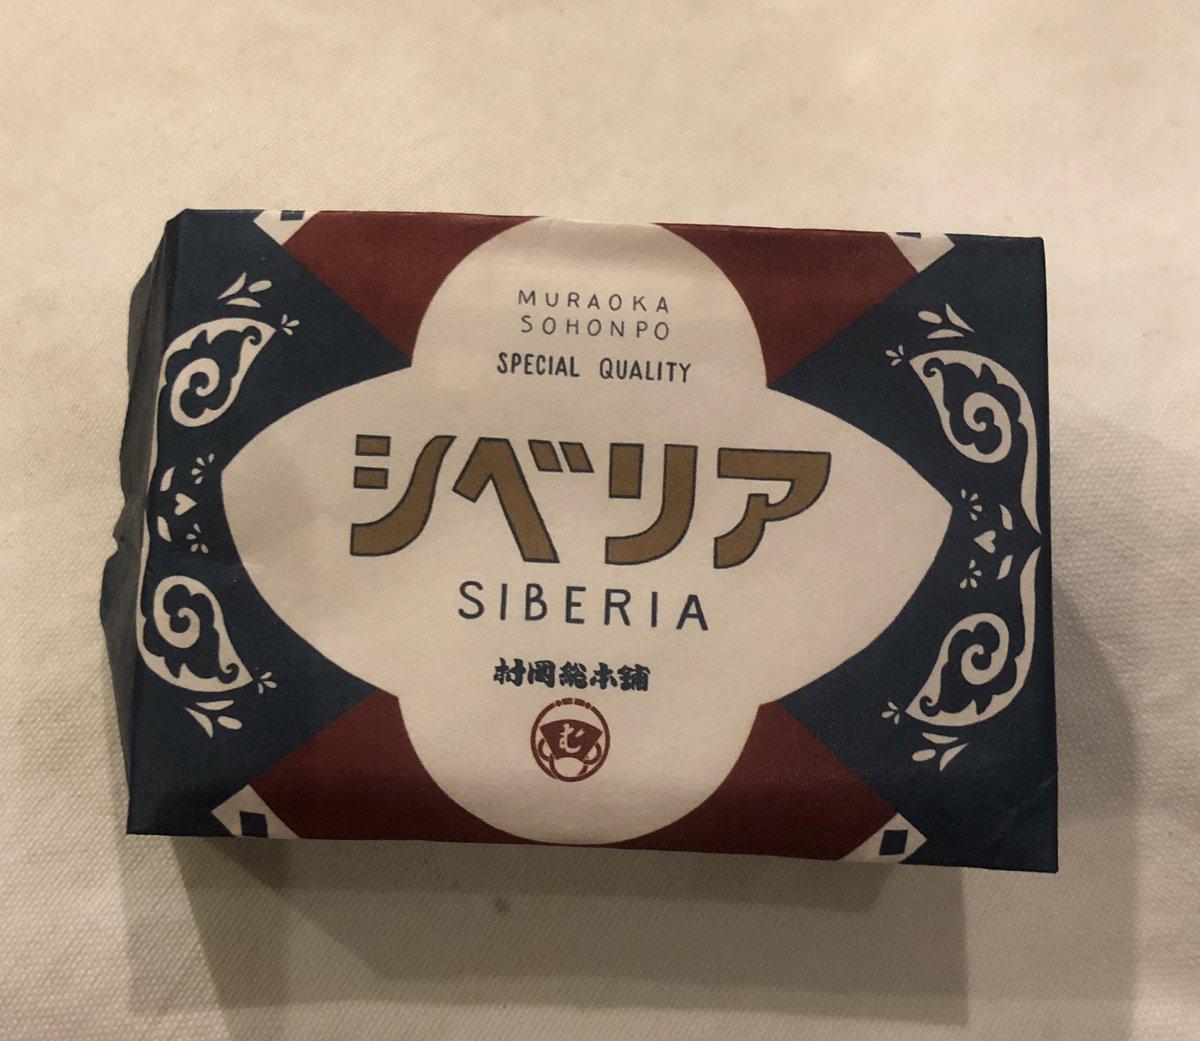 test ツイッターメディア - 小城羊羹と小豆あんをカステラで挟んだ村岡総本舗の「シベリア」 おみやげに最高!旨し! #村岡総本舗  #リスタートさが https://t.co/W3QK3gMEqK